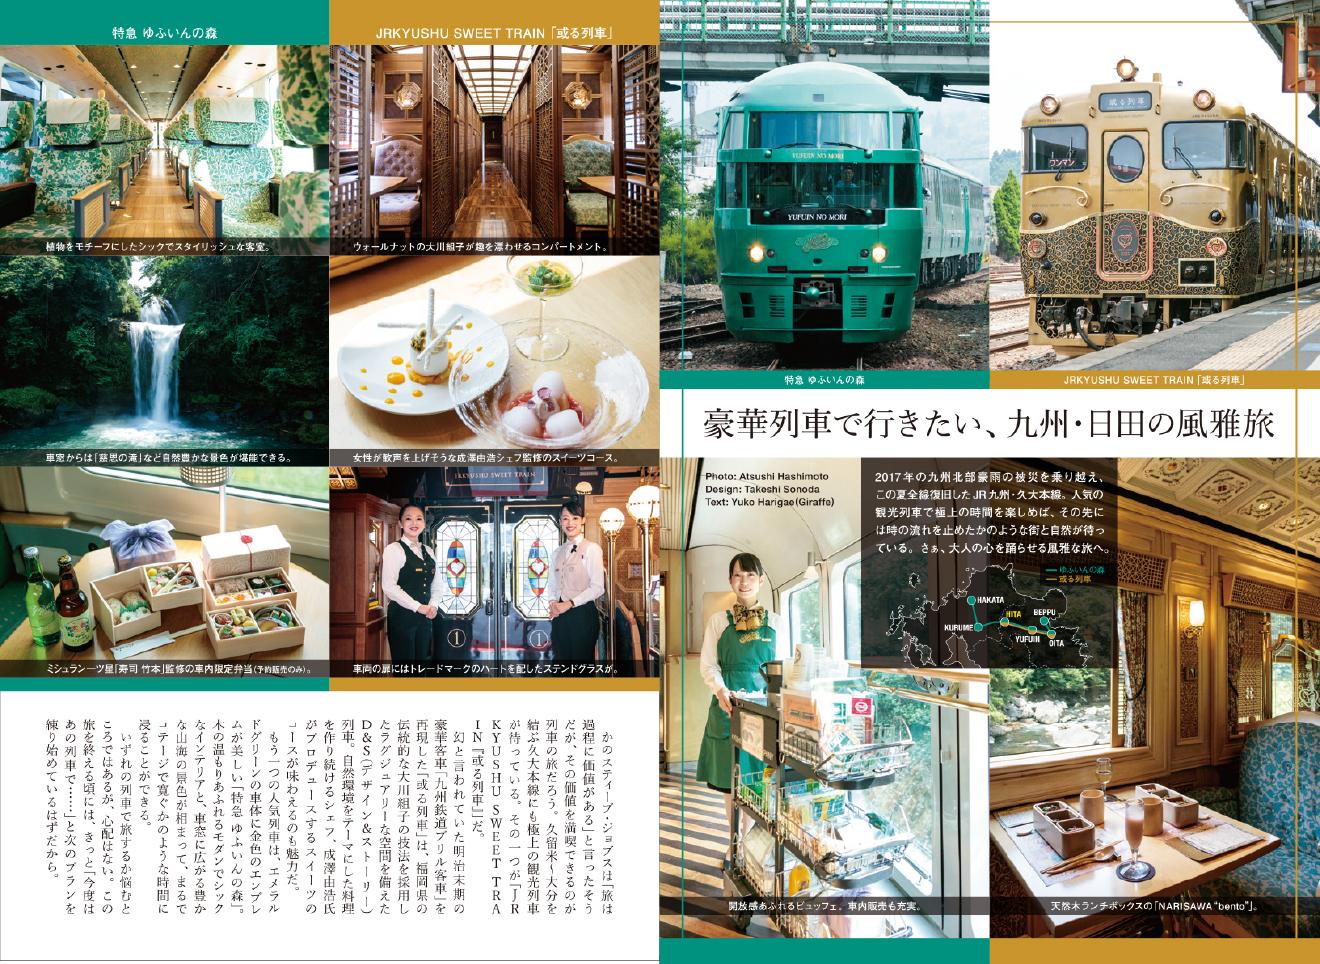 月刊文藝春秋×JR九州タイアップ広告